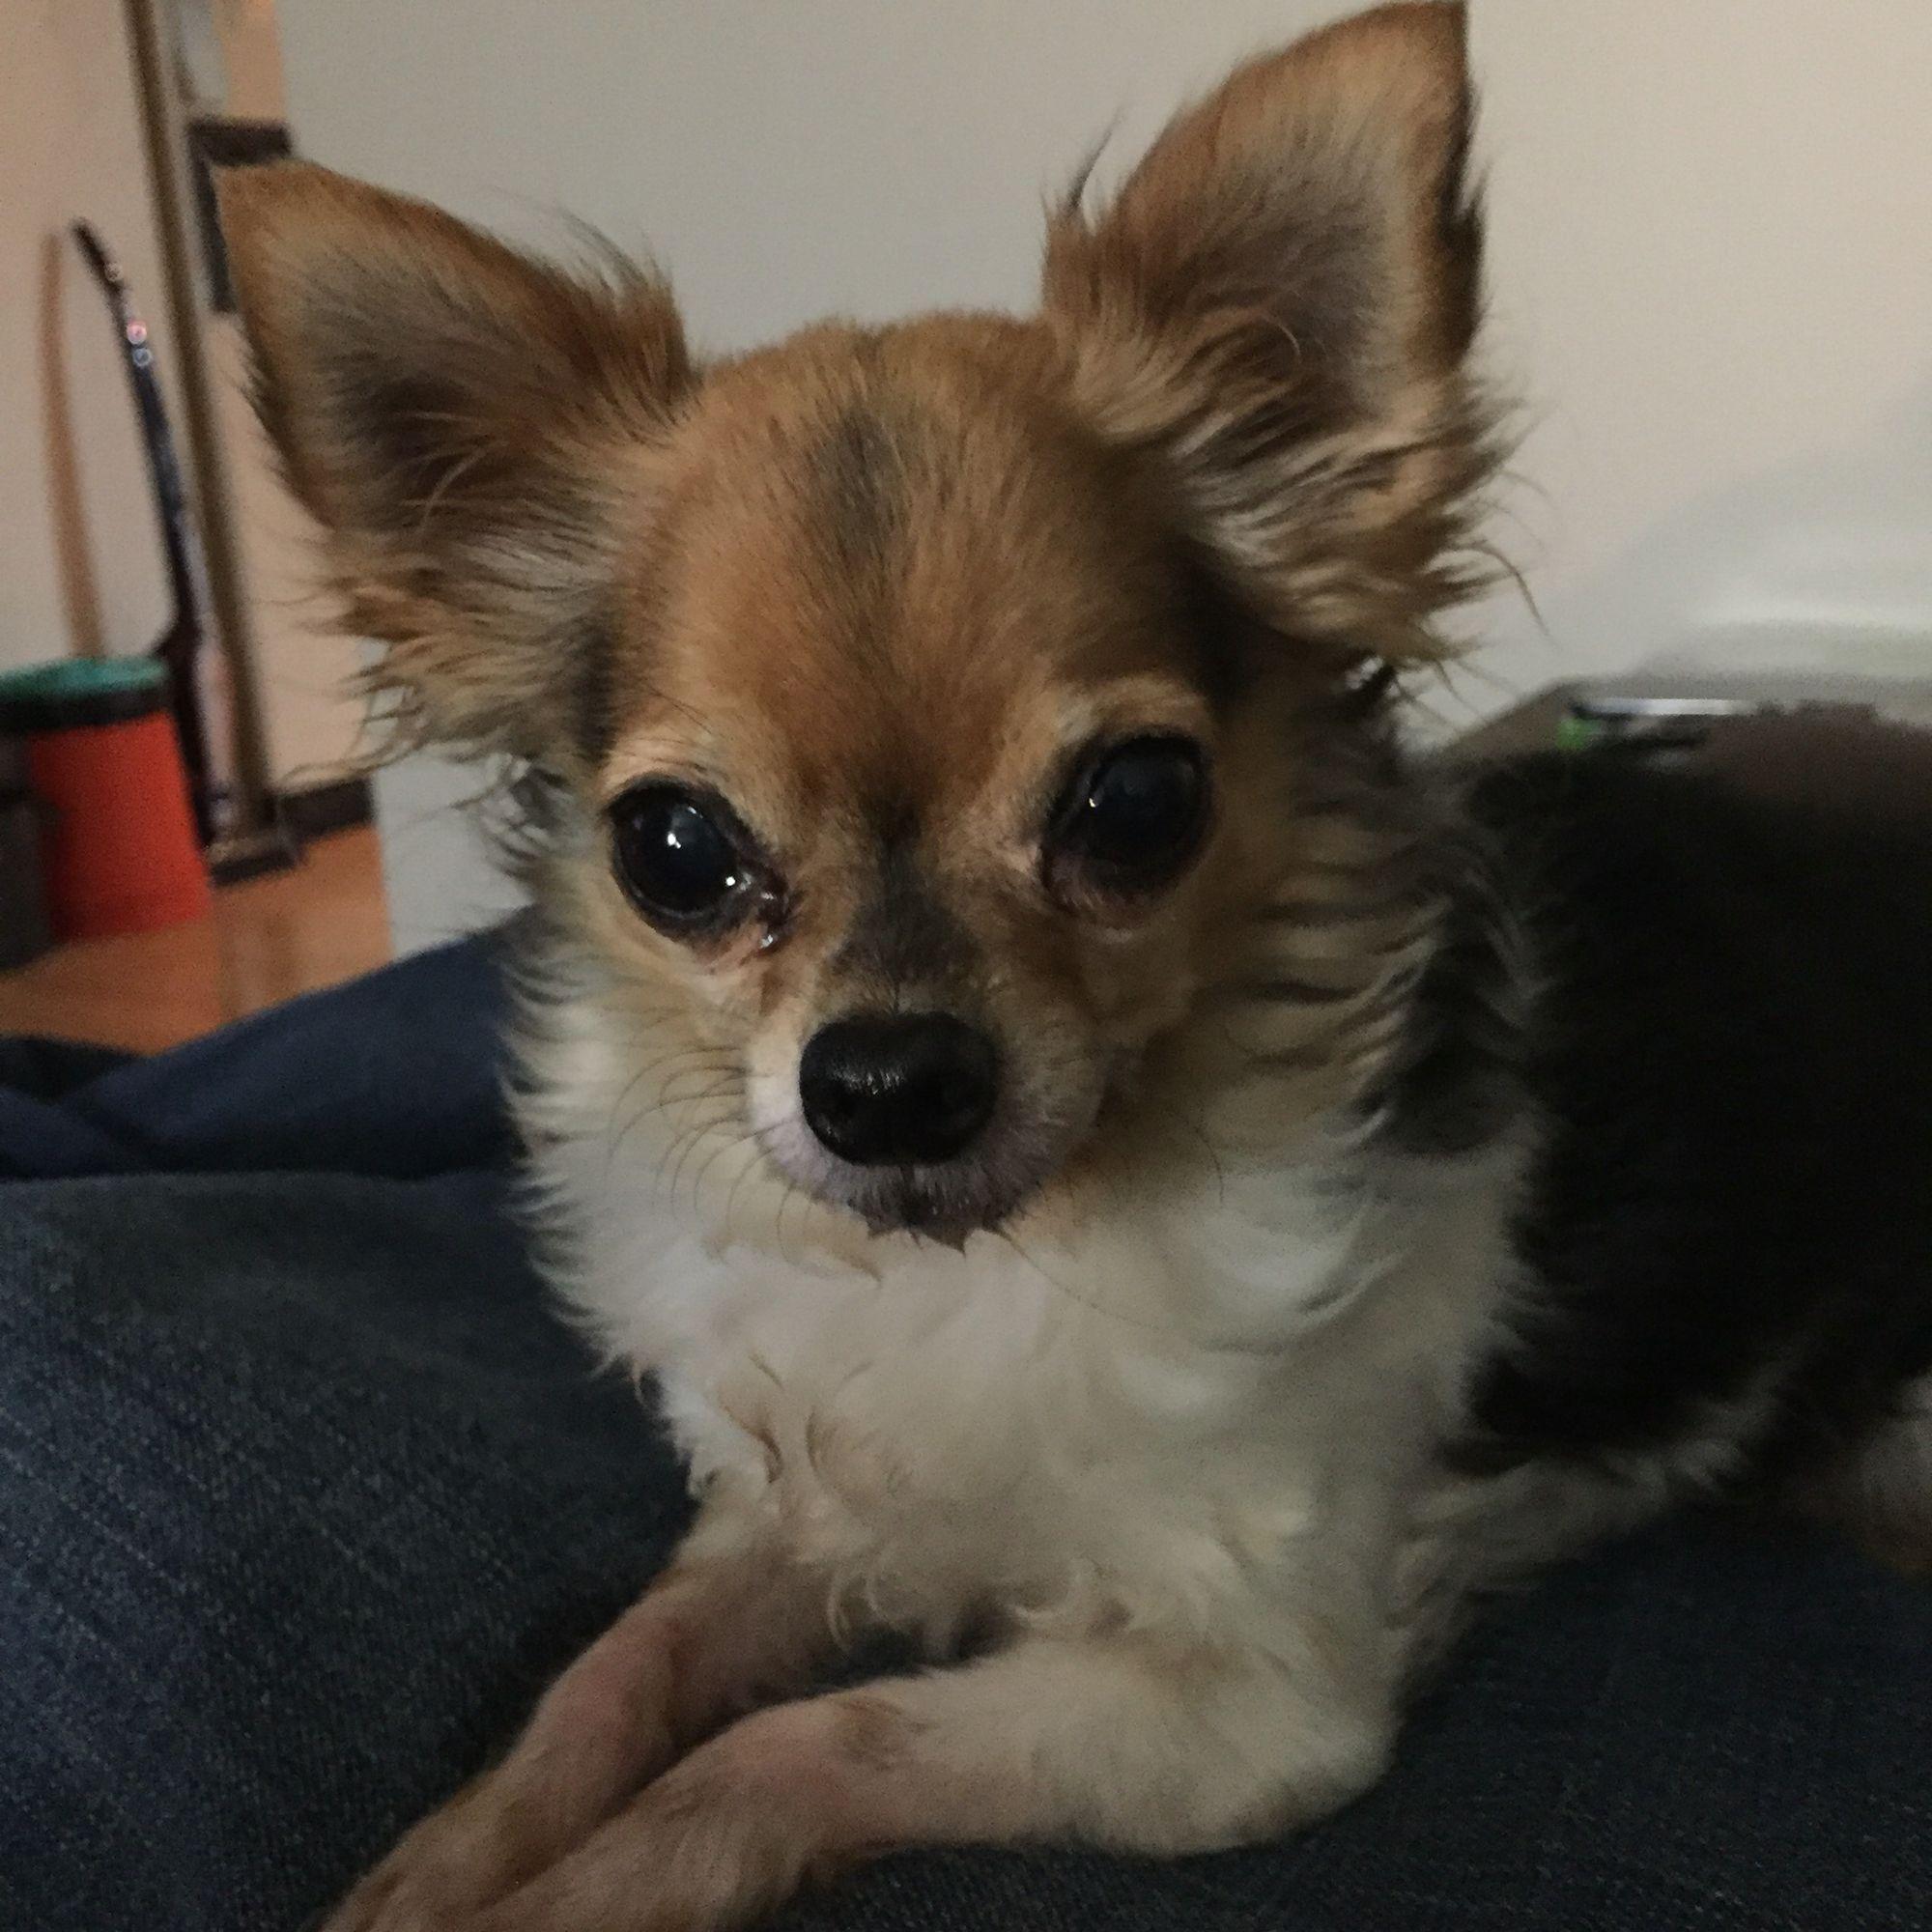 Chihuahua lucy cutest dog ever cute chihuahua chihuahua